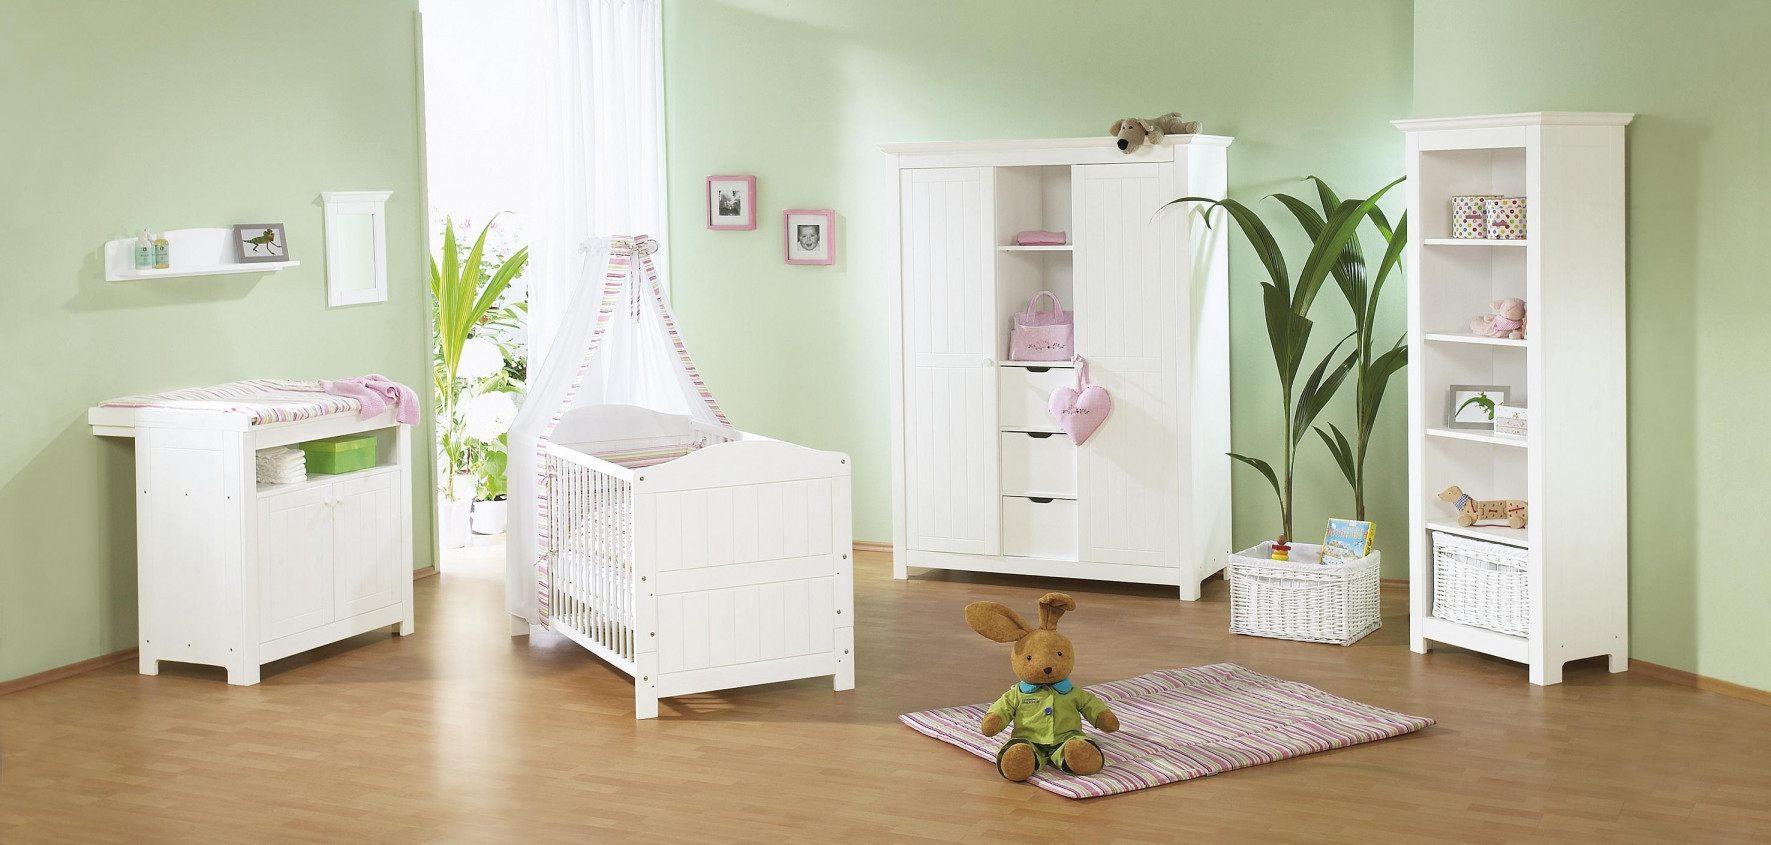 Lit Superposé Pour Enfant Meilleur De Chaise Table Bébé Cuisine Pour Bebe Lovely Lit Ikea Bebe 12 Superpos